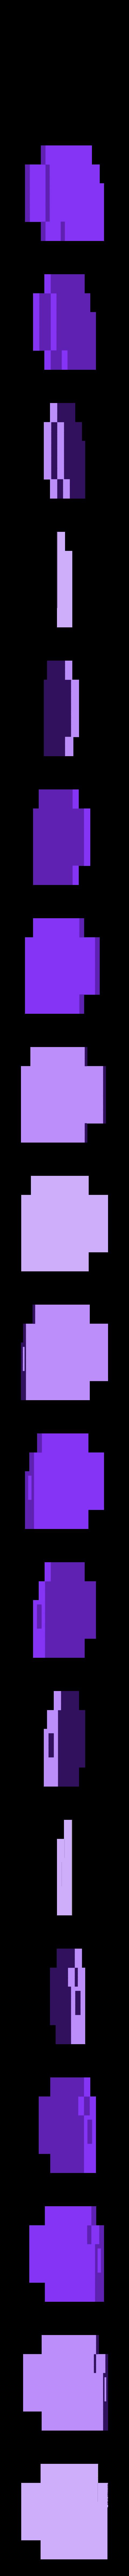 HeartLeft.stl Télécharger fichier STL gratuit Amoureux 8 bits • Modèle pour impression 3D, DelhiCucumber